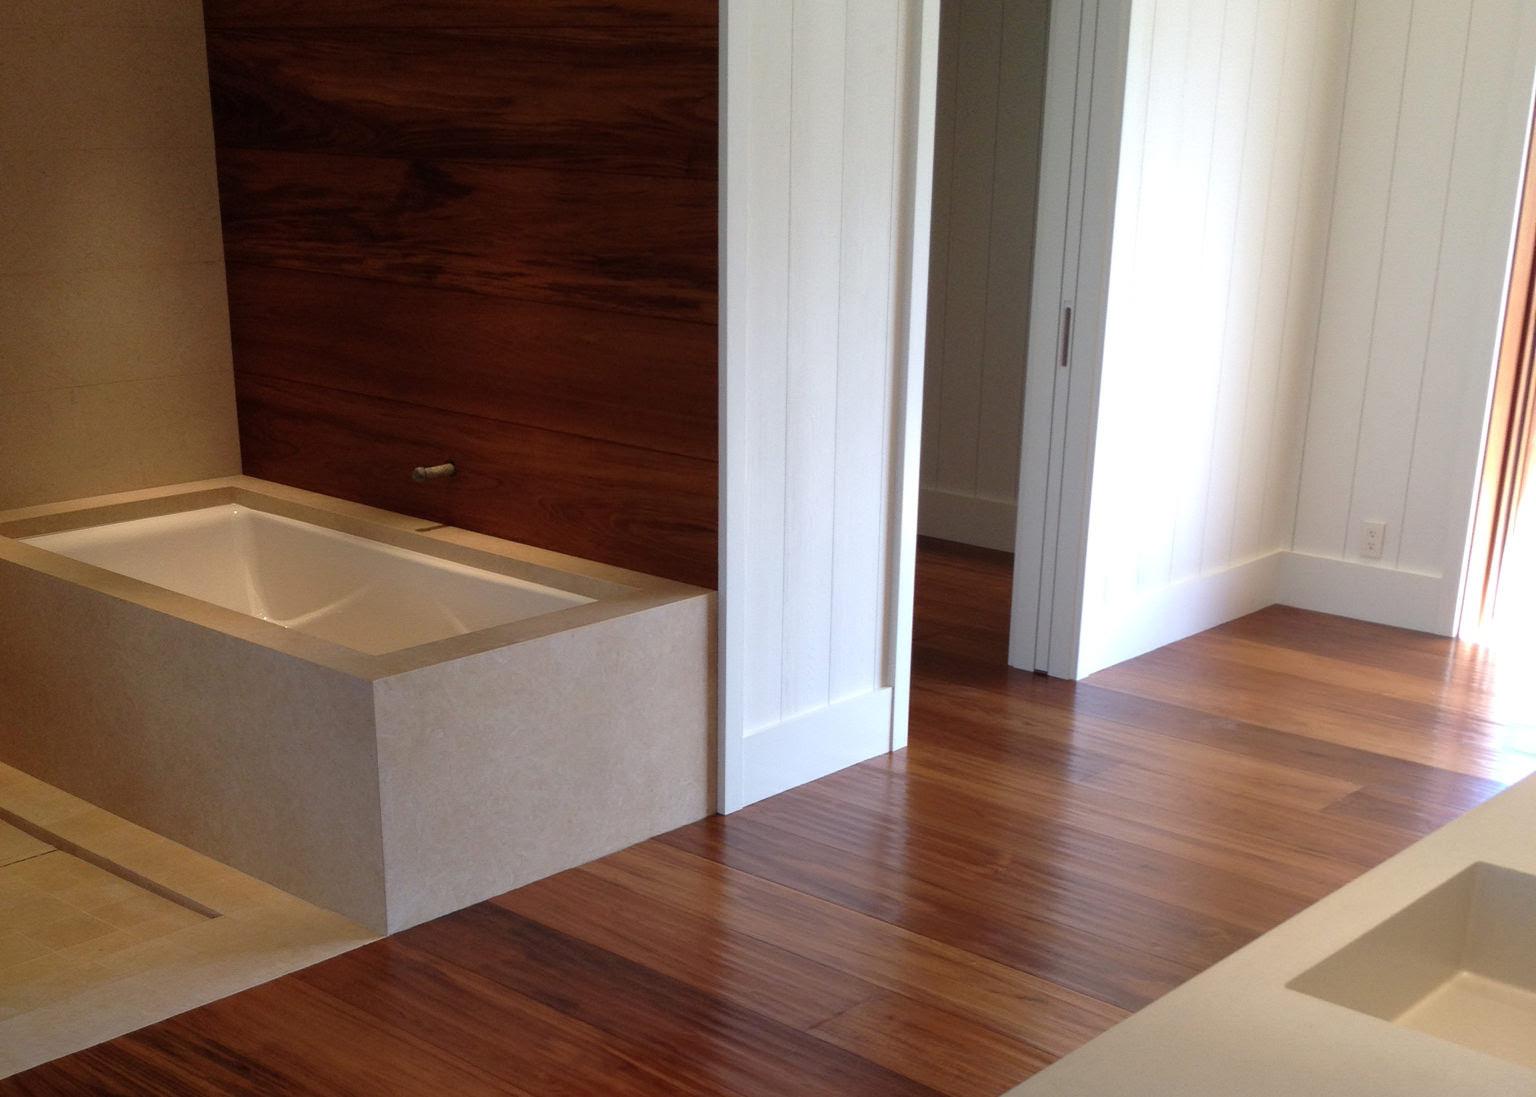 Maui Wood Flooring Install | Bones Wood Floors